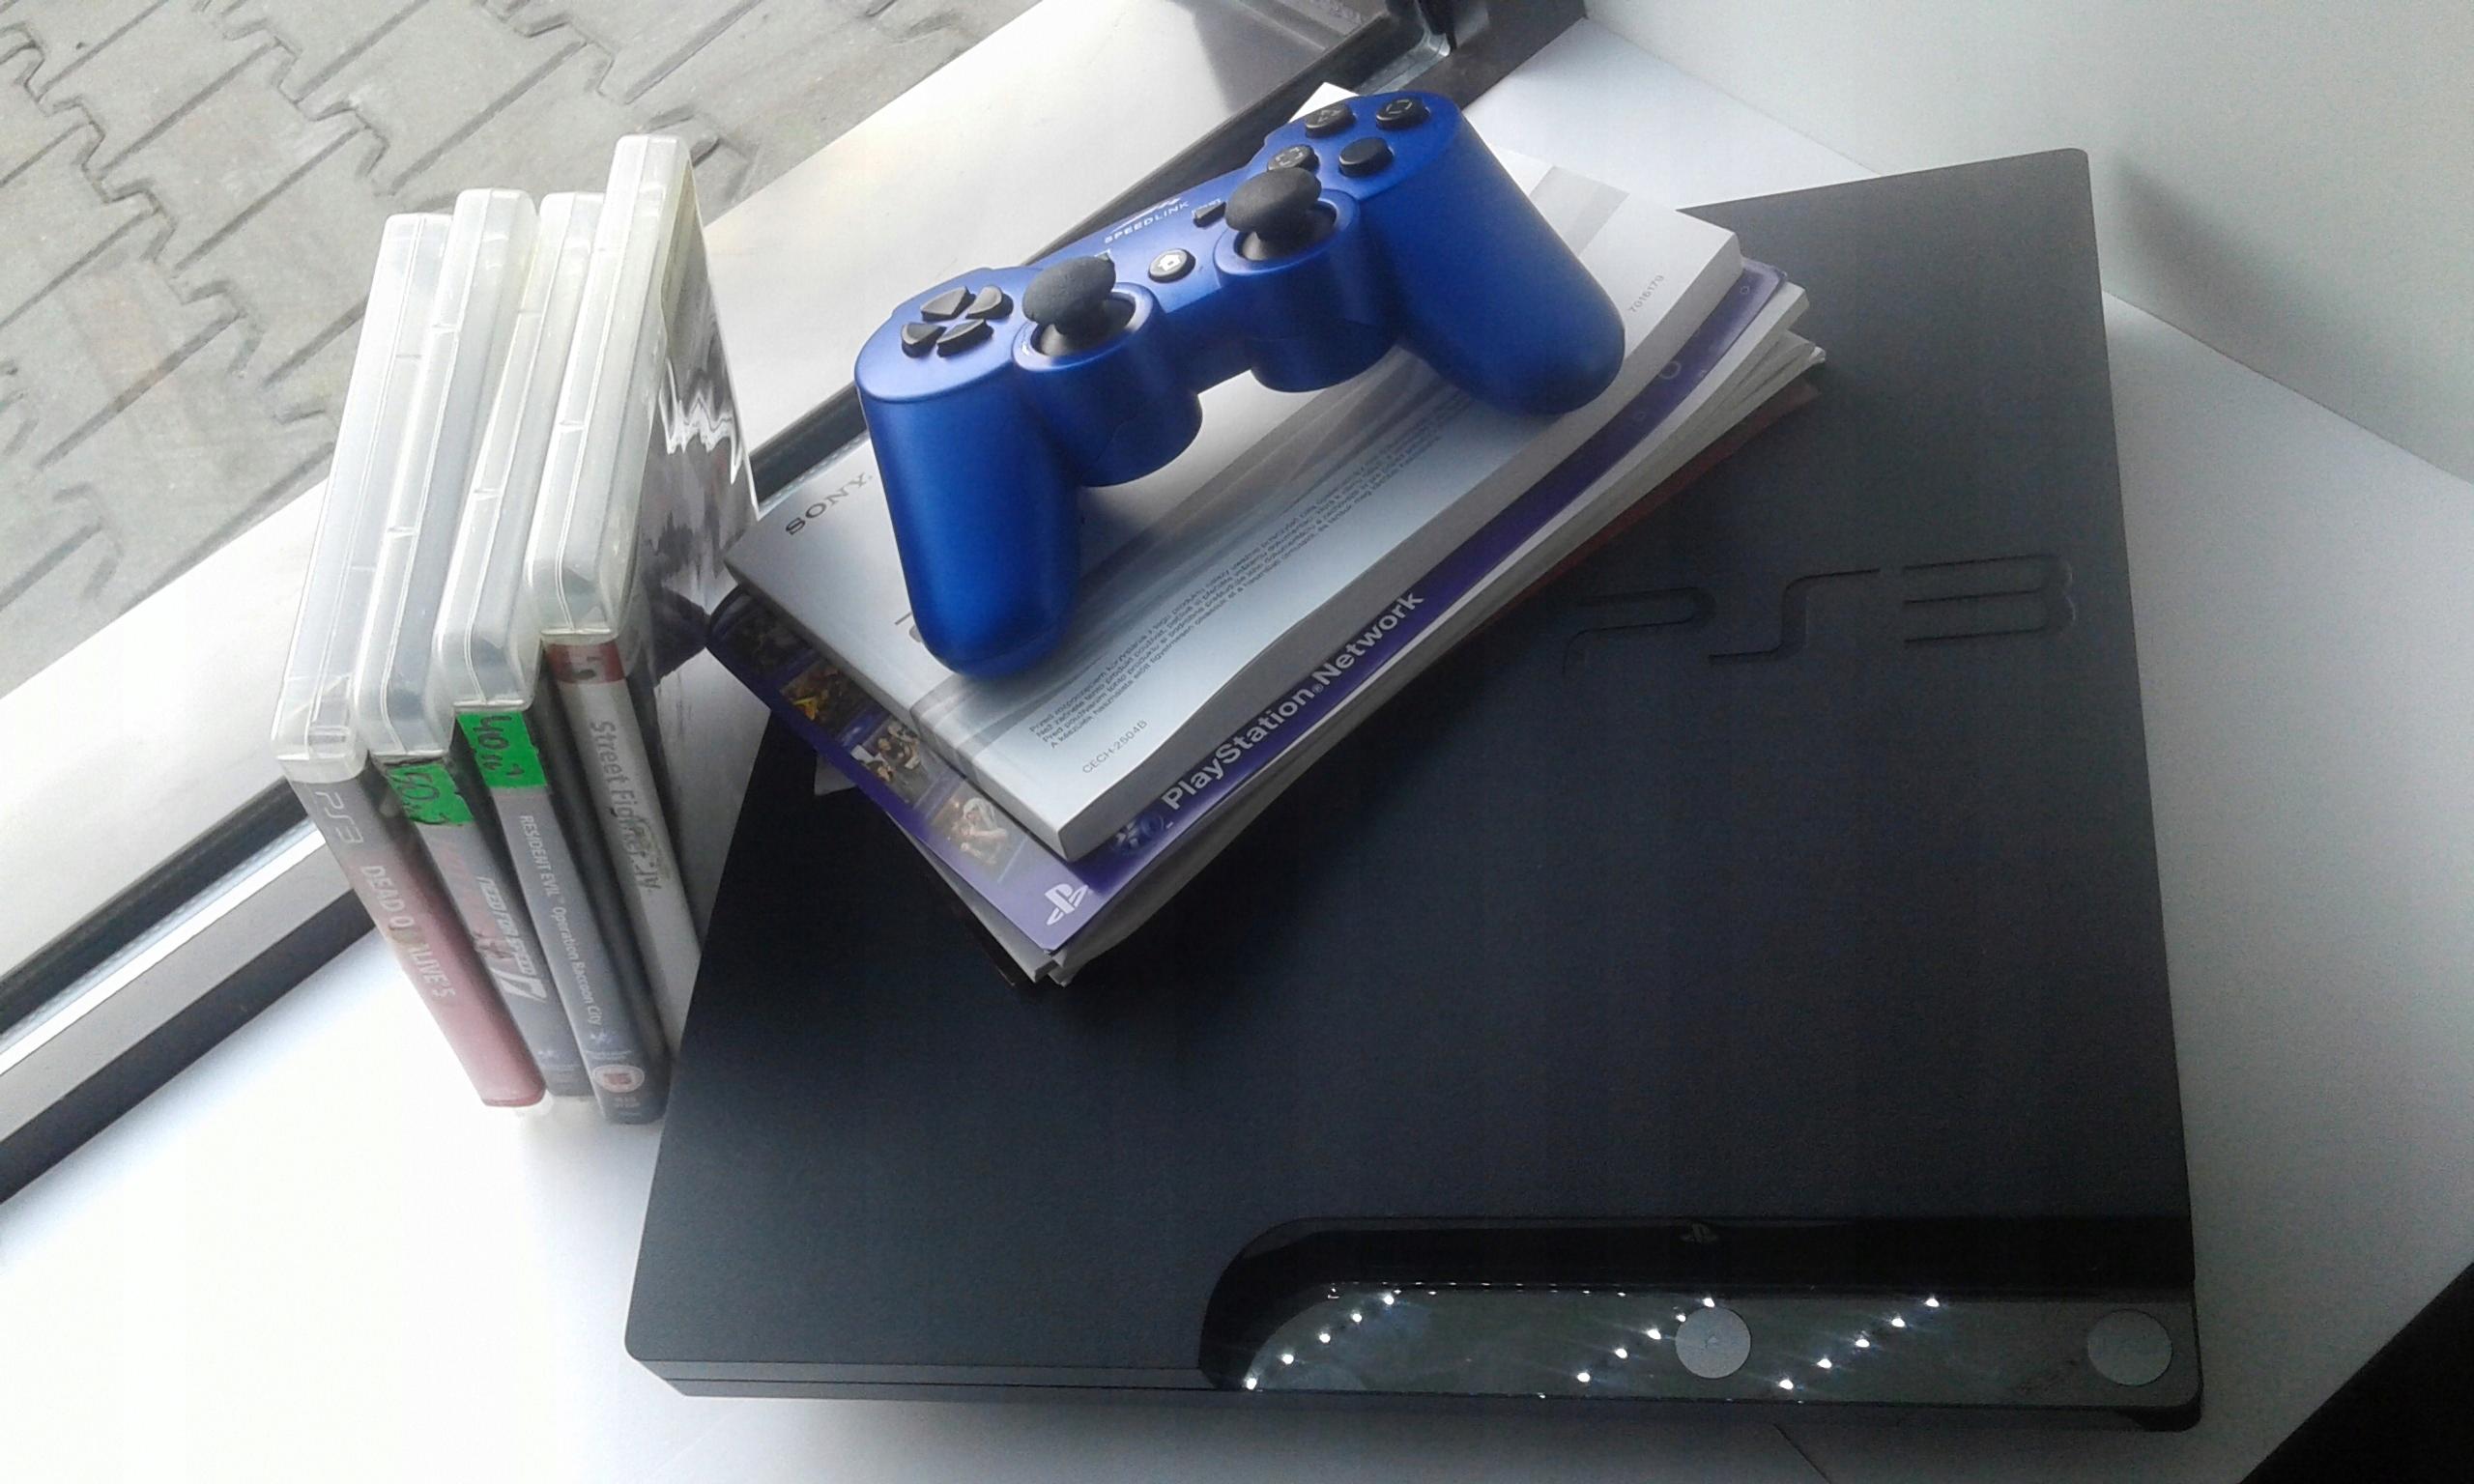 PS3 cech-2504b 320GB +1pad+okablowanie+4gry 356/18